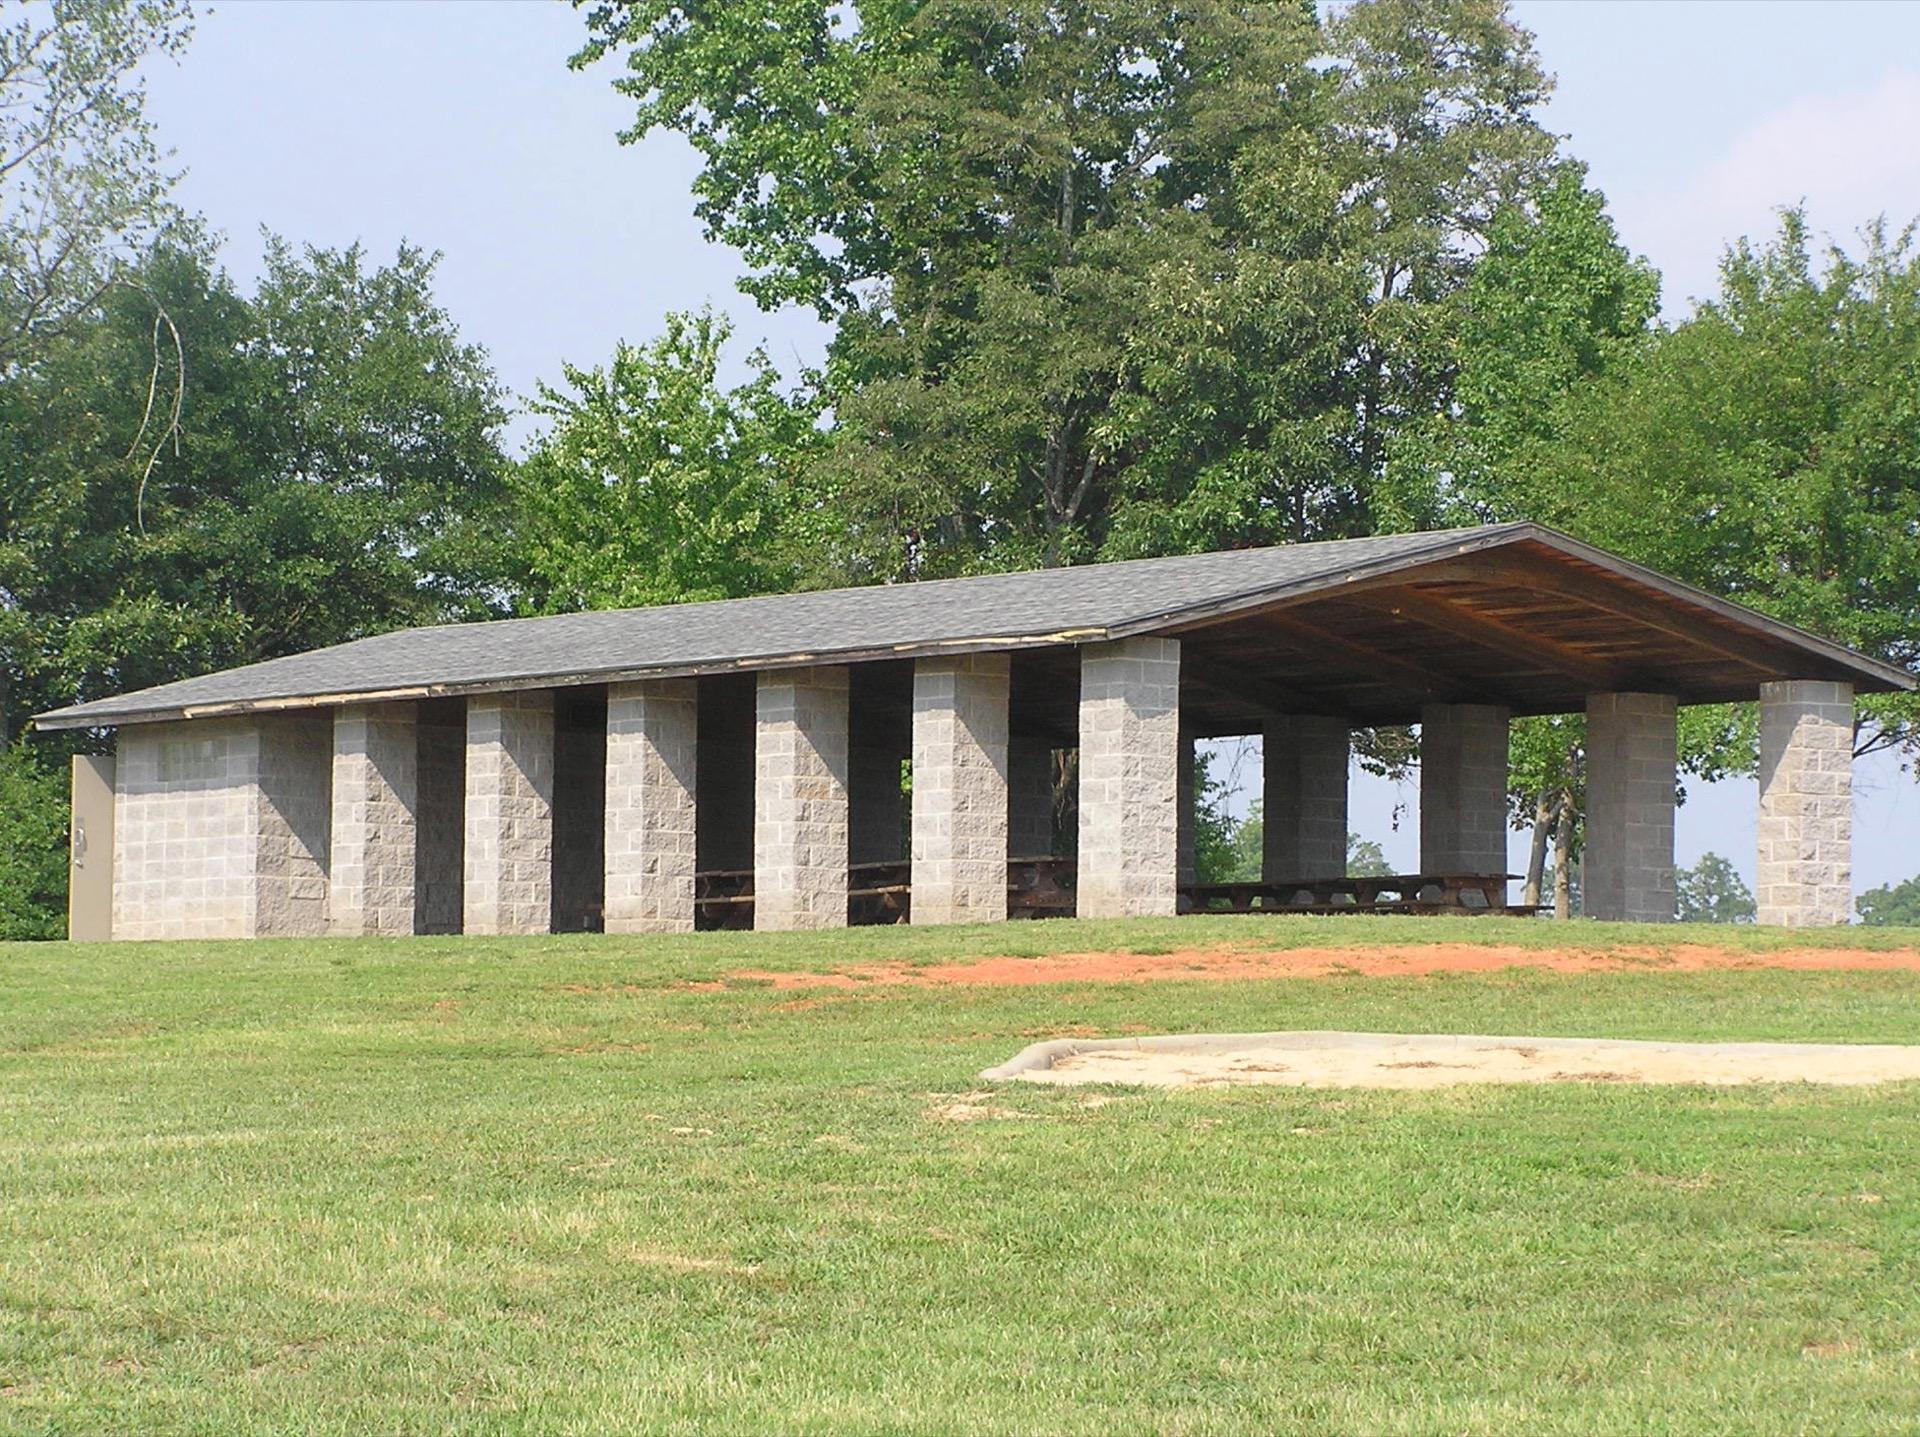 Lincoln Park Shelter